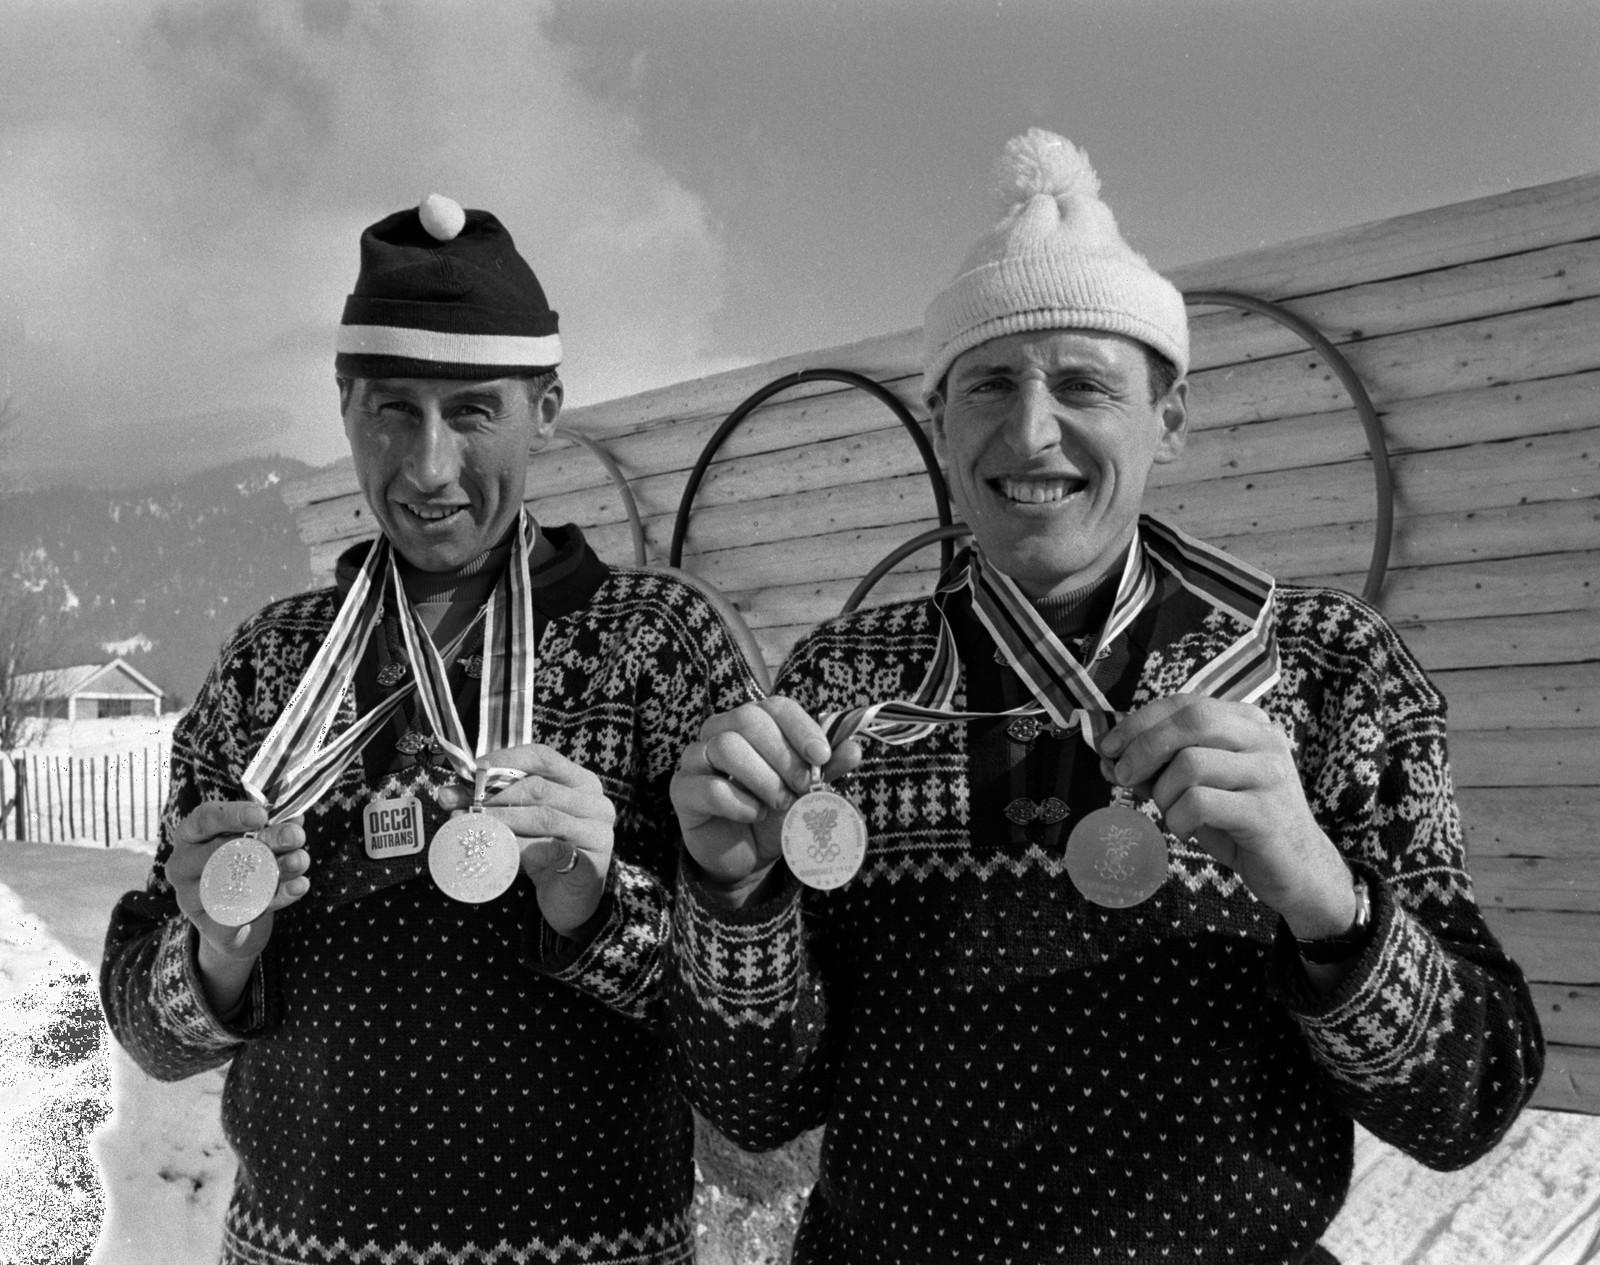 Norge ble beste nasjon i Grenoble-OL med seks gull. Her to av gullvinnerne i langrenn: Harald Grønningen (t.v.), som tok gull på 15 kilometer og i stafetten, og Ole Ellefsæter, gull på 50 kilometer og i stafetten.